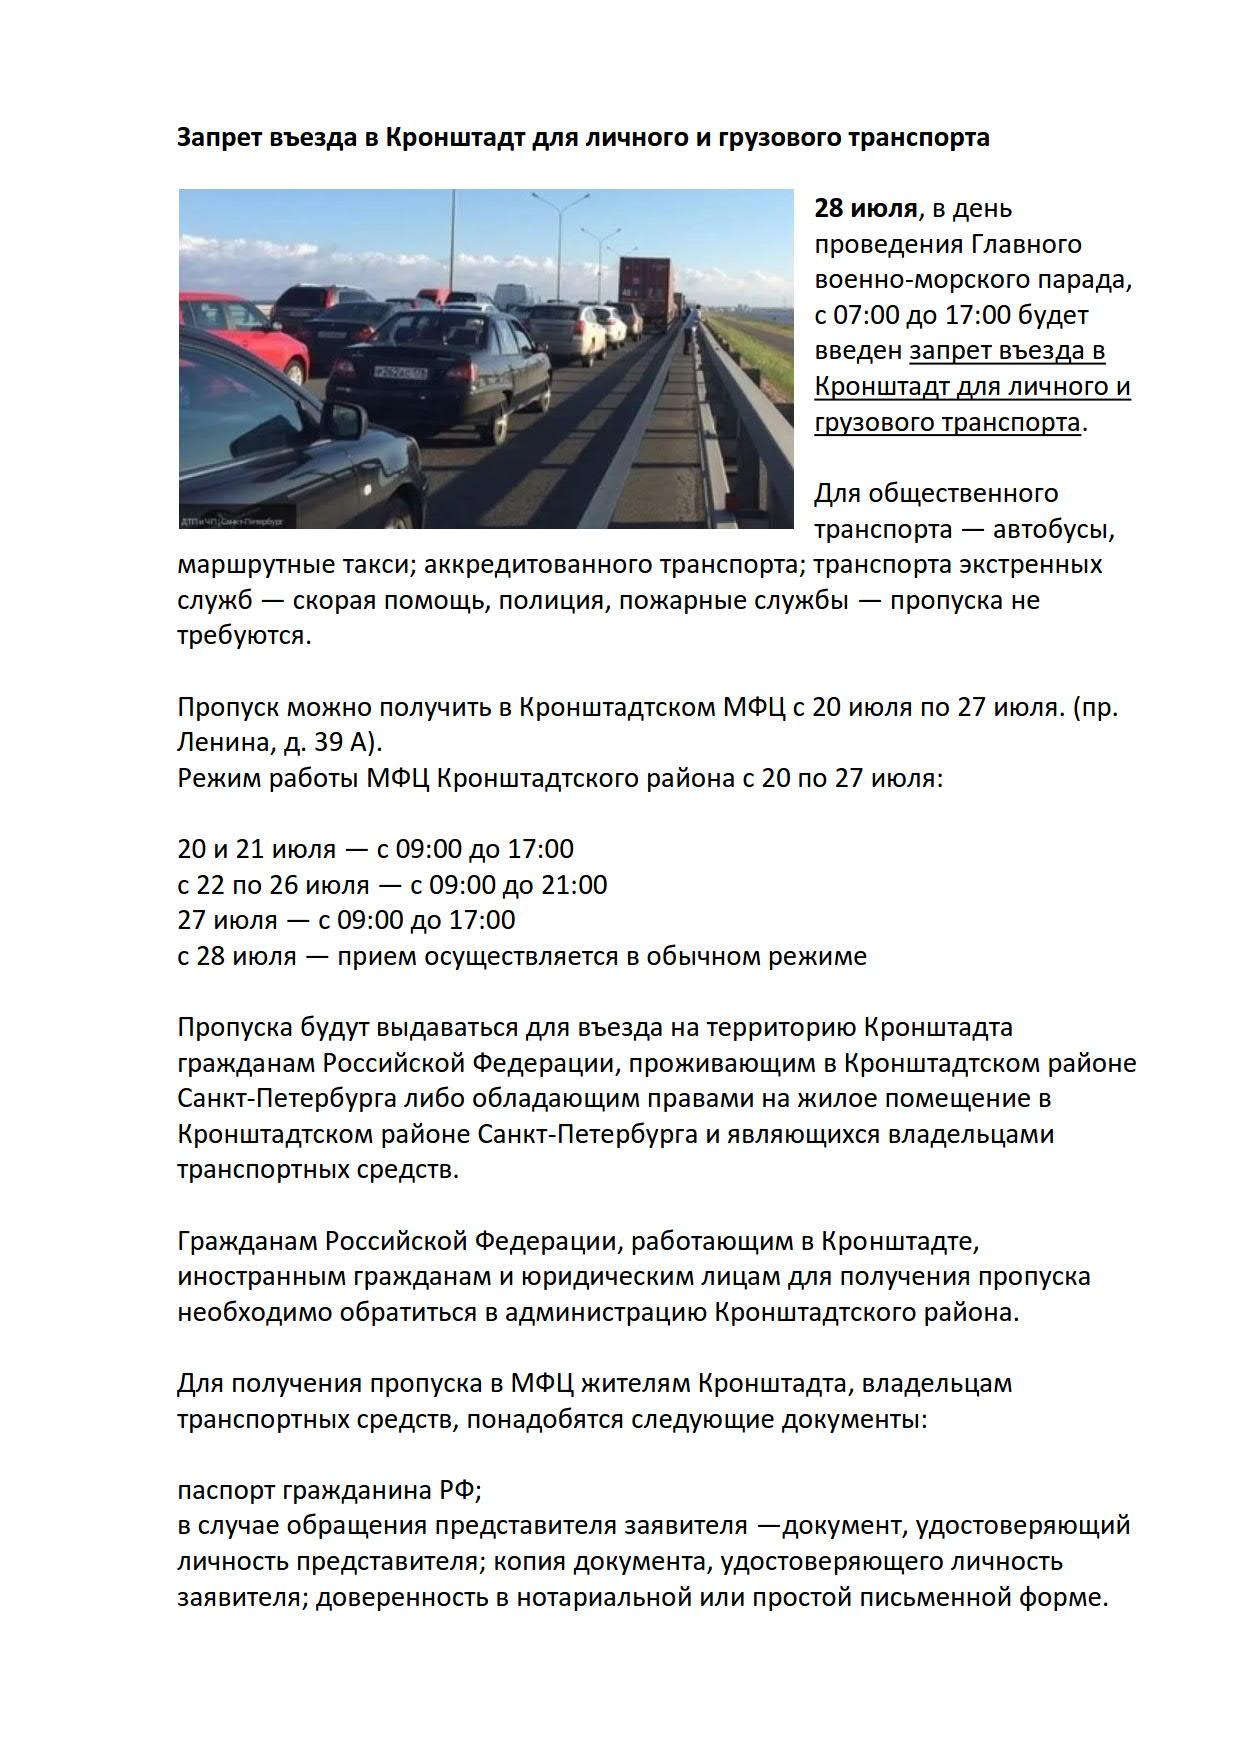 Запрет въезда в Кронштадт для личного и грузового транспорта_1